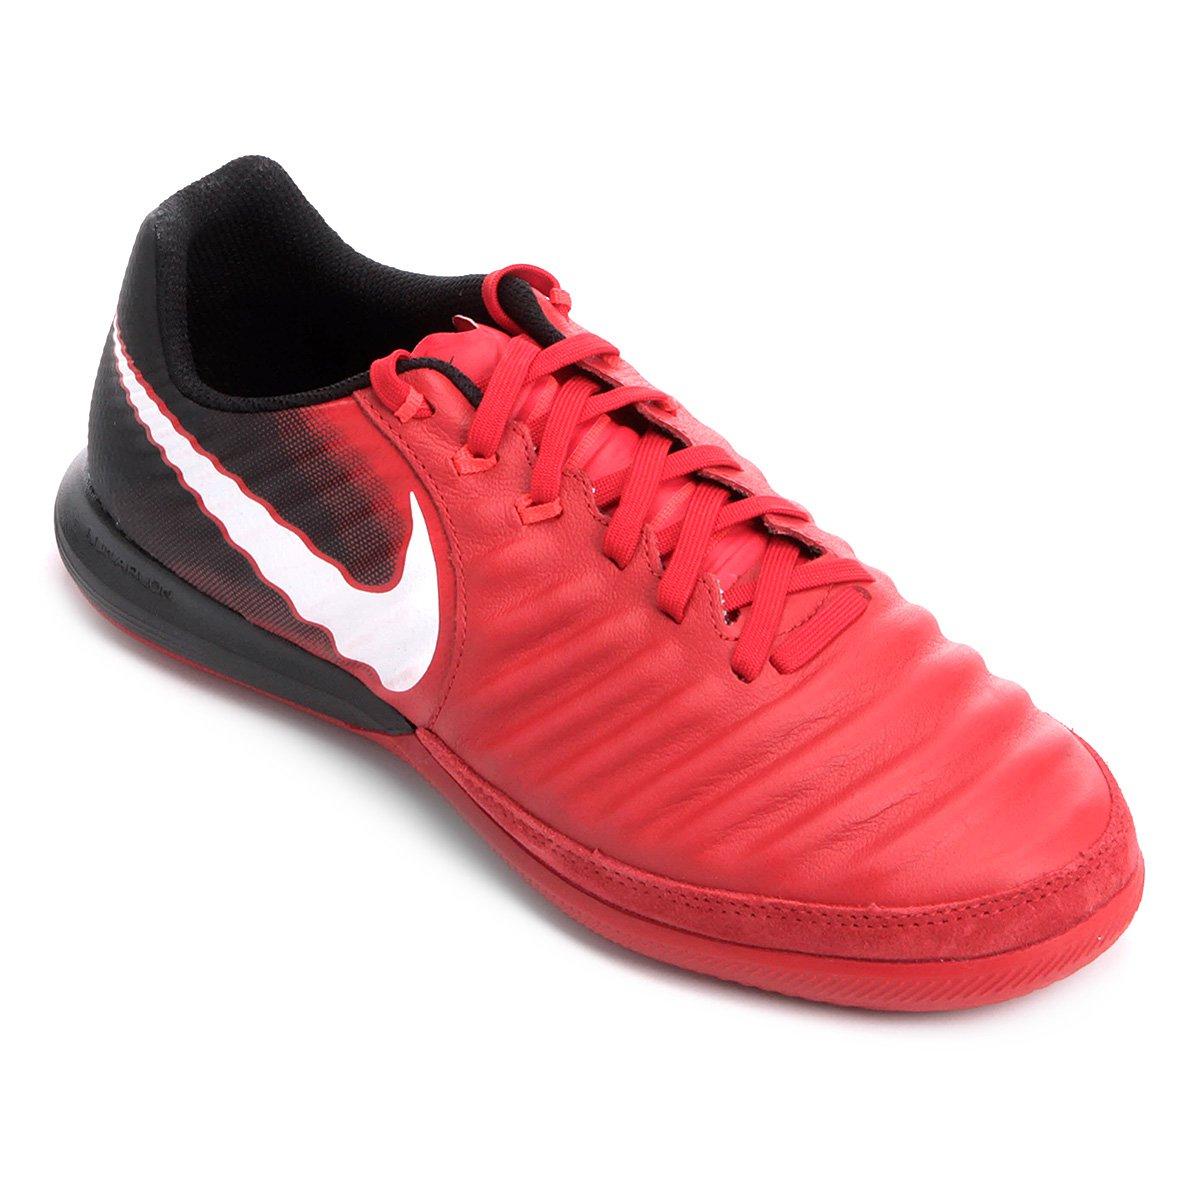 d38bc4f654799 Chuteira Futsal Nike Tiempo Finale IC Masculina